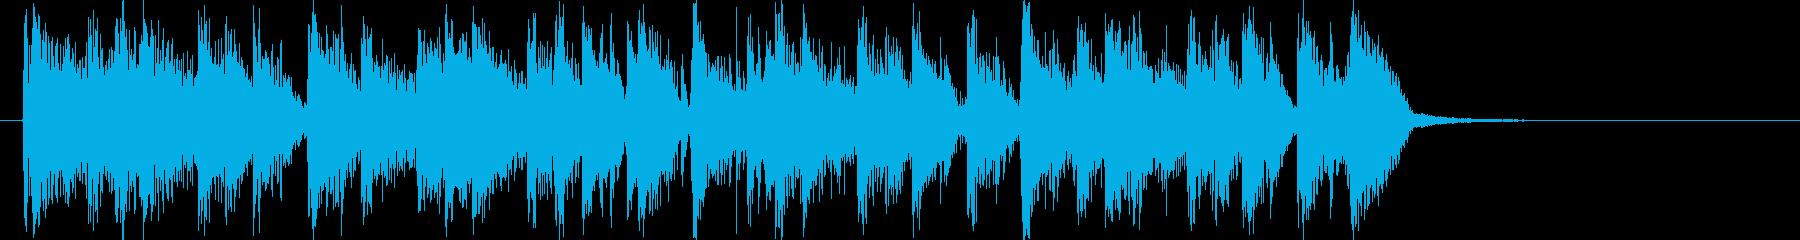 闘牛士風スパニッシュギターロゴの再生済みの波形